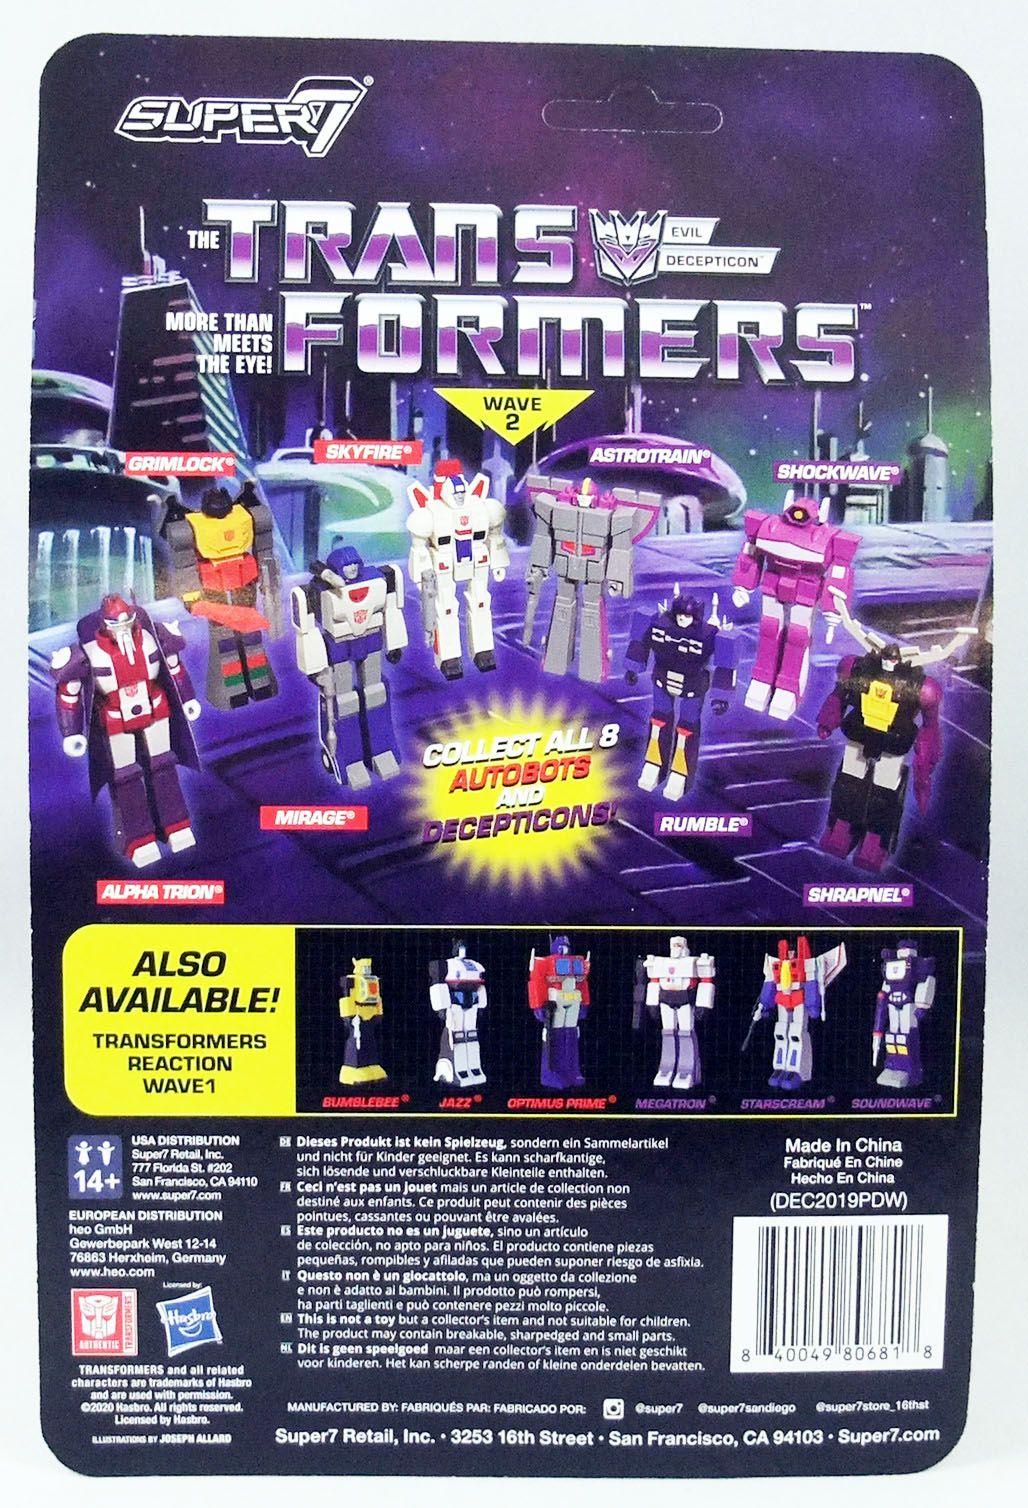 Transformers - Super7 ReAction Figure - Shockwave